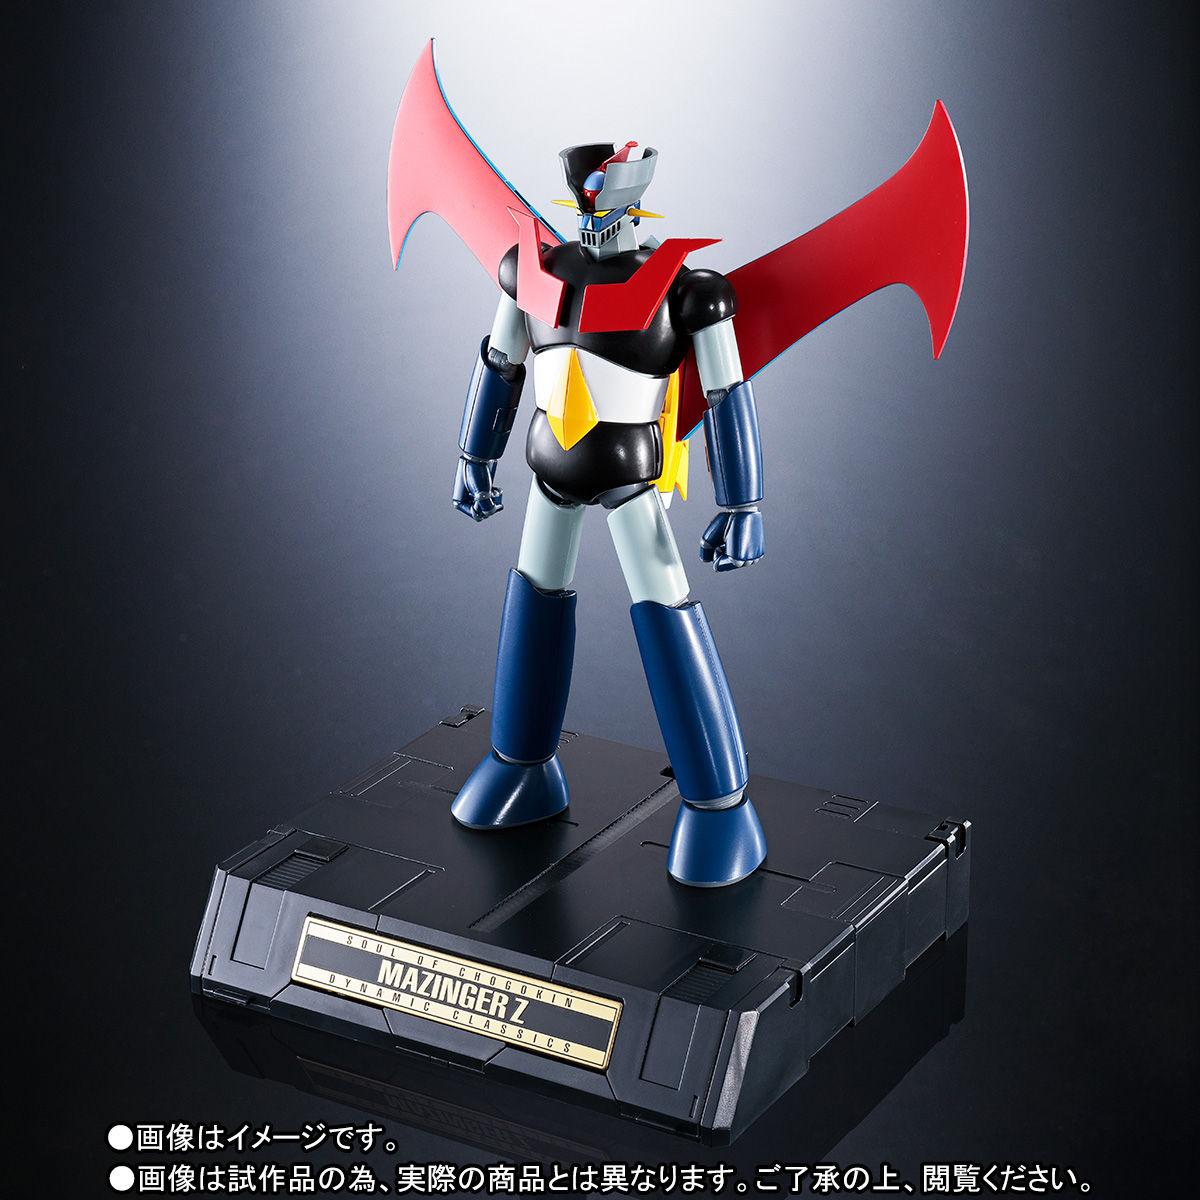 超合金魂 GX-70SP『マジンガーZ D.C. アニメカラーバージョン』可動フィギュア-004